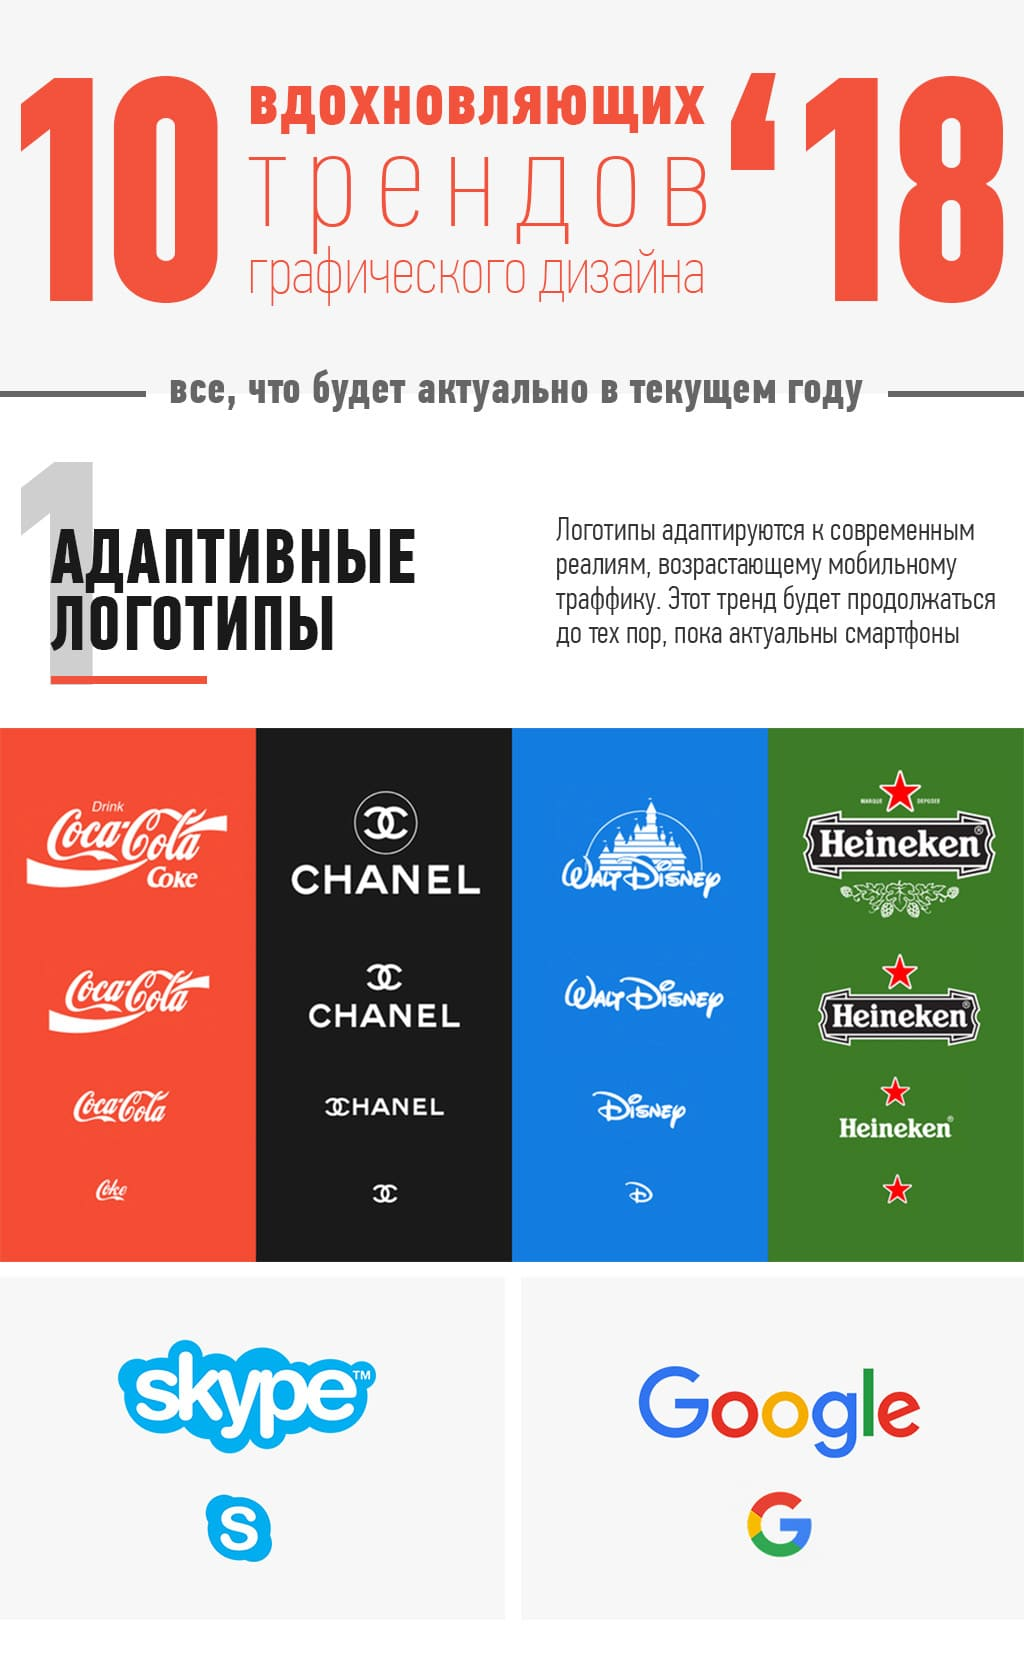 вдохновляющие тренды в дизайне 2018 инфографика